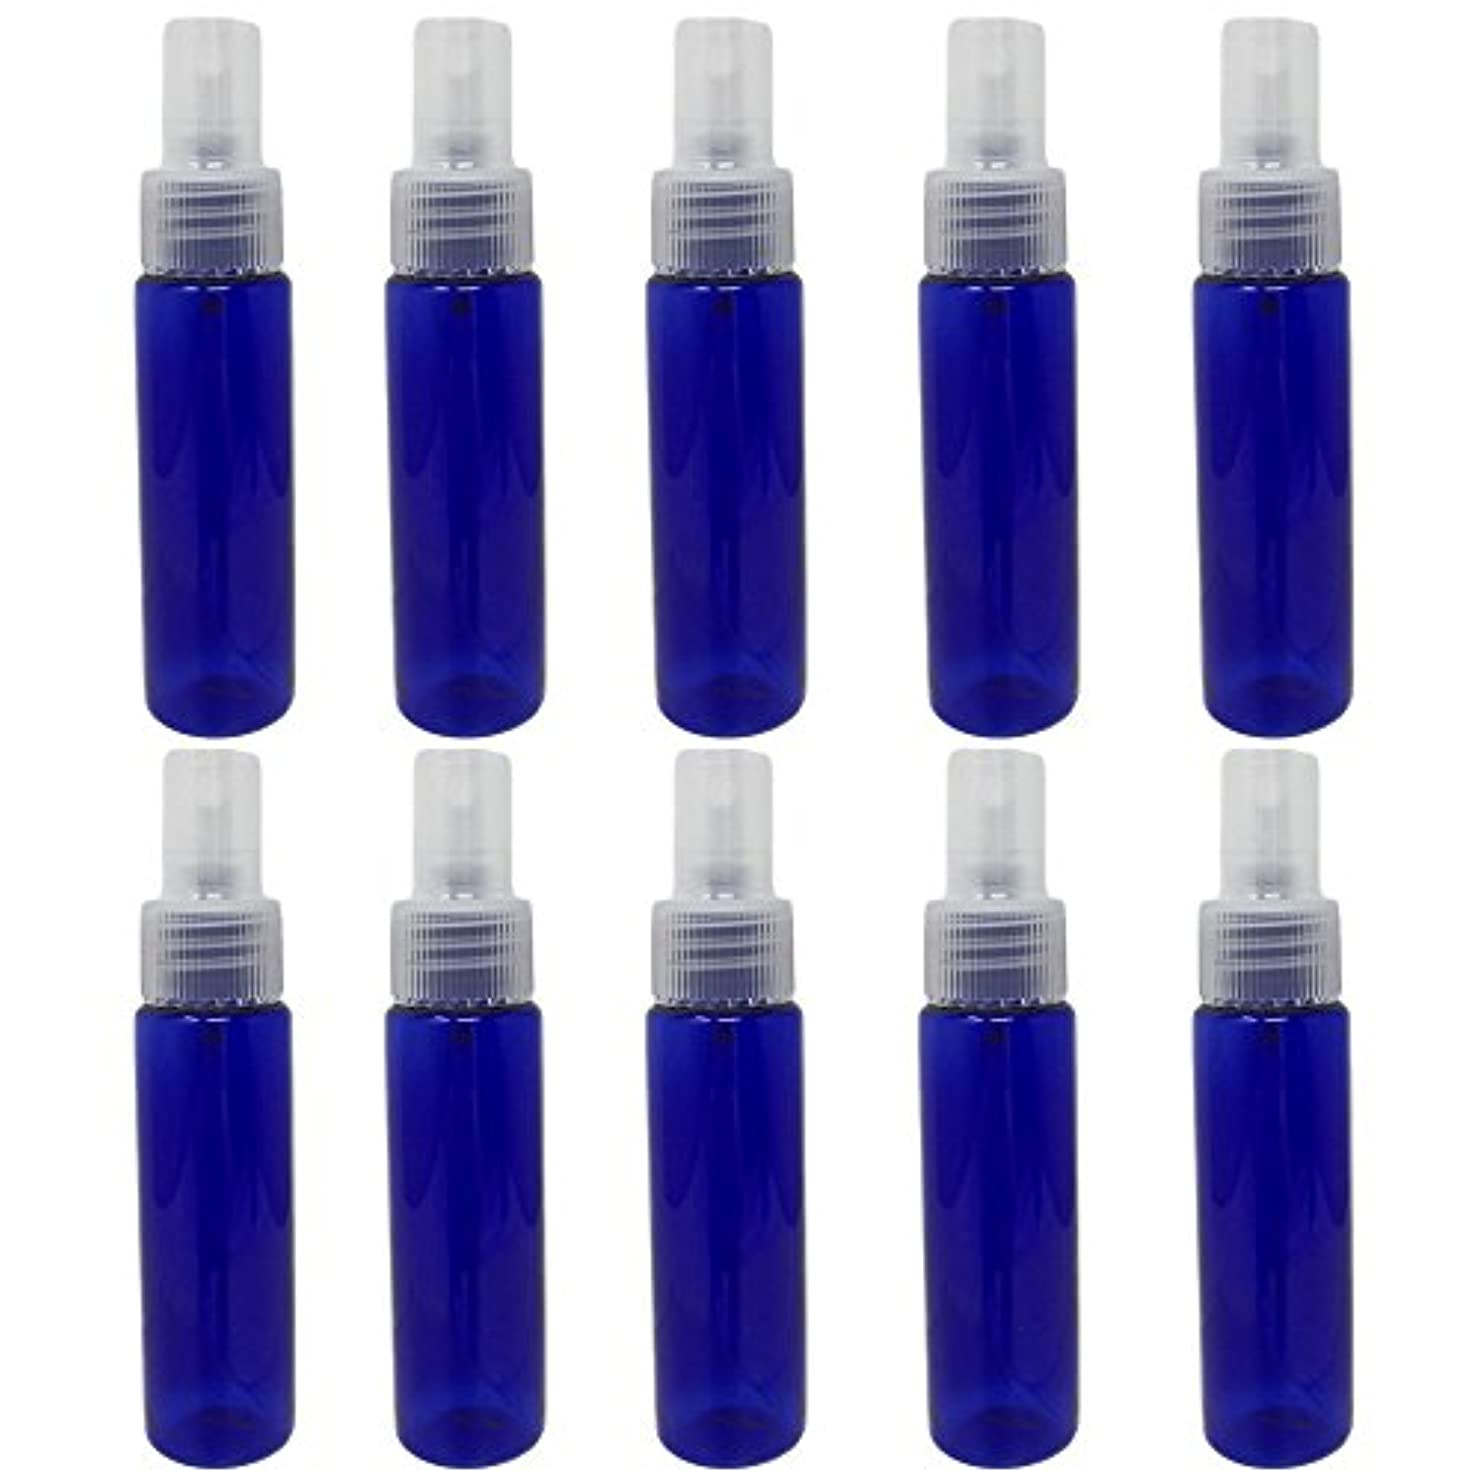 蜂雇用者失敗[pkpohs] スプレーボトル 霧吹き スプレー 小分け ボトル 保存容器 化粧水 コスメ 携帯用 (30ml/10本)